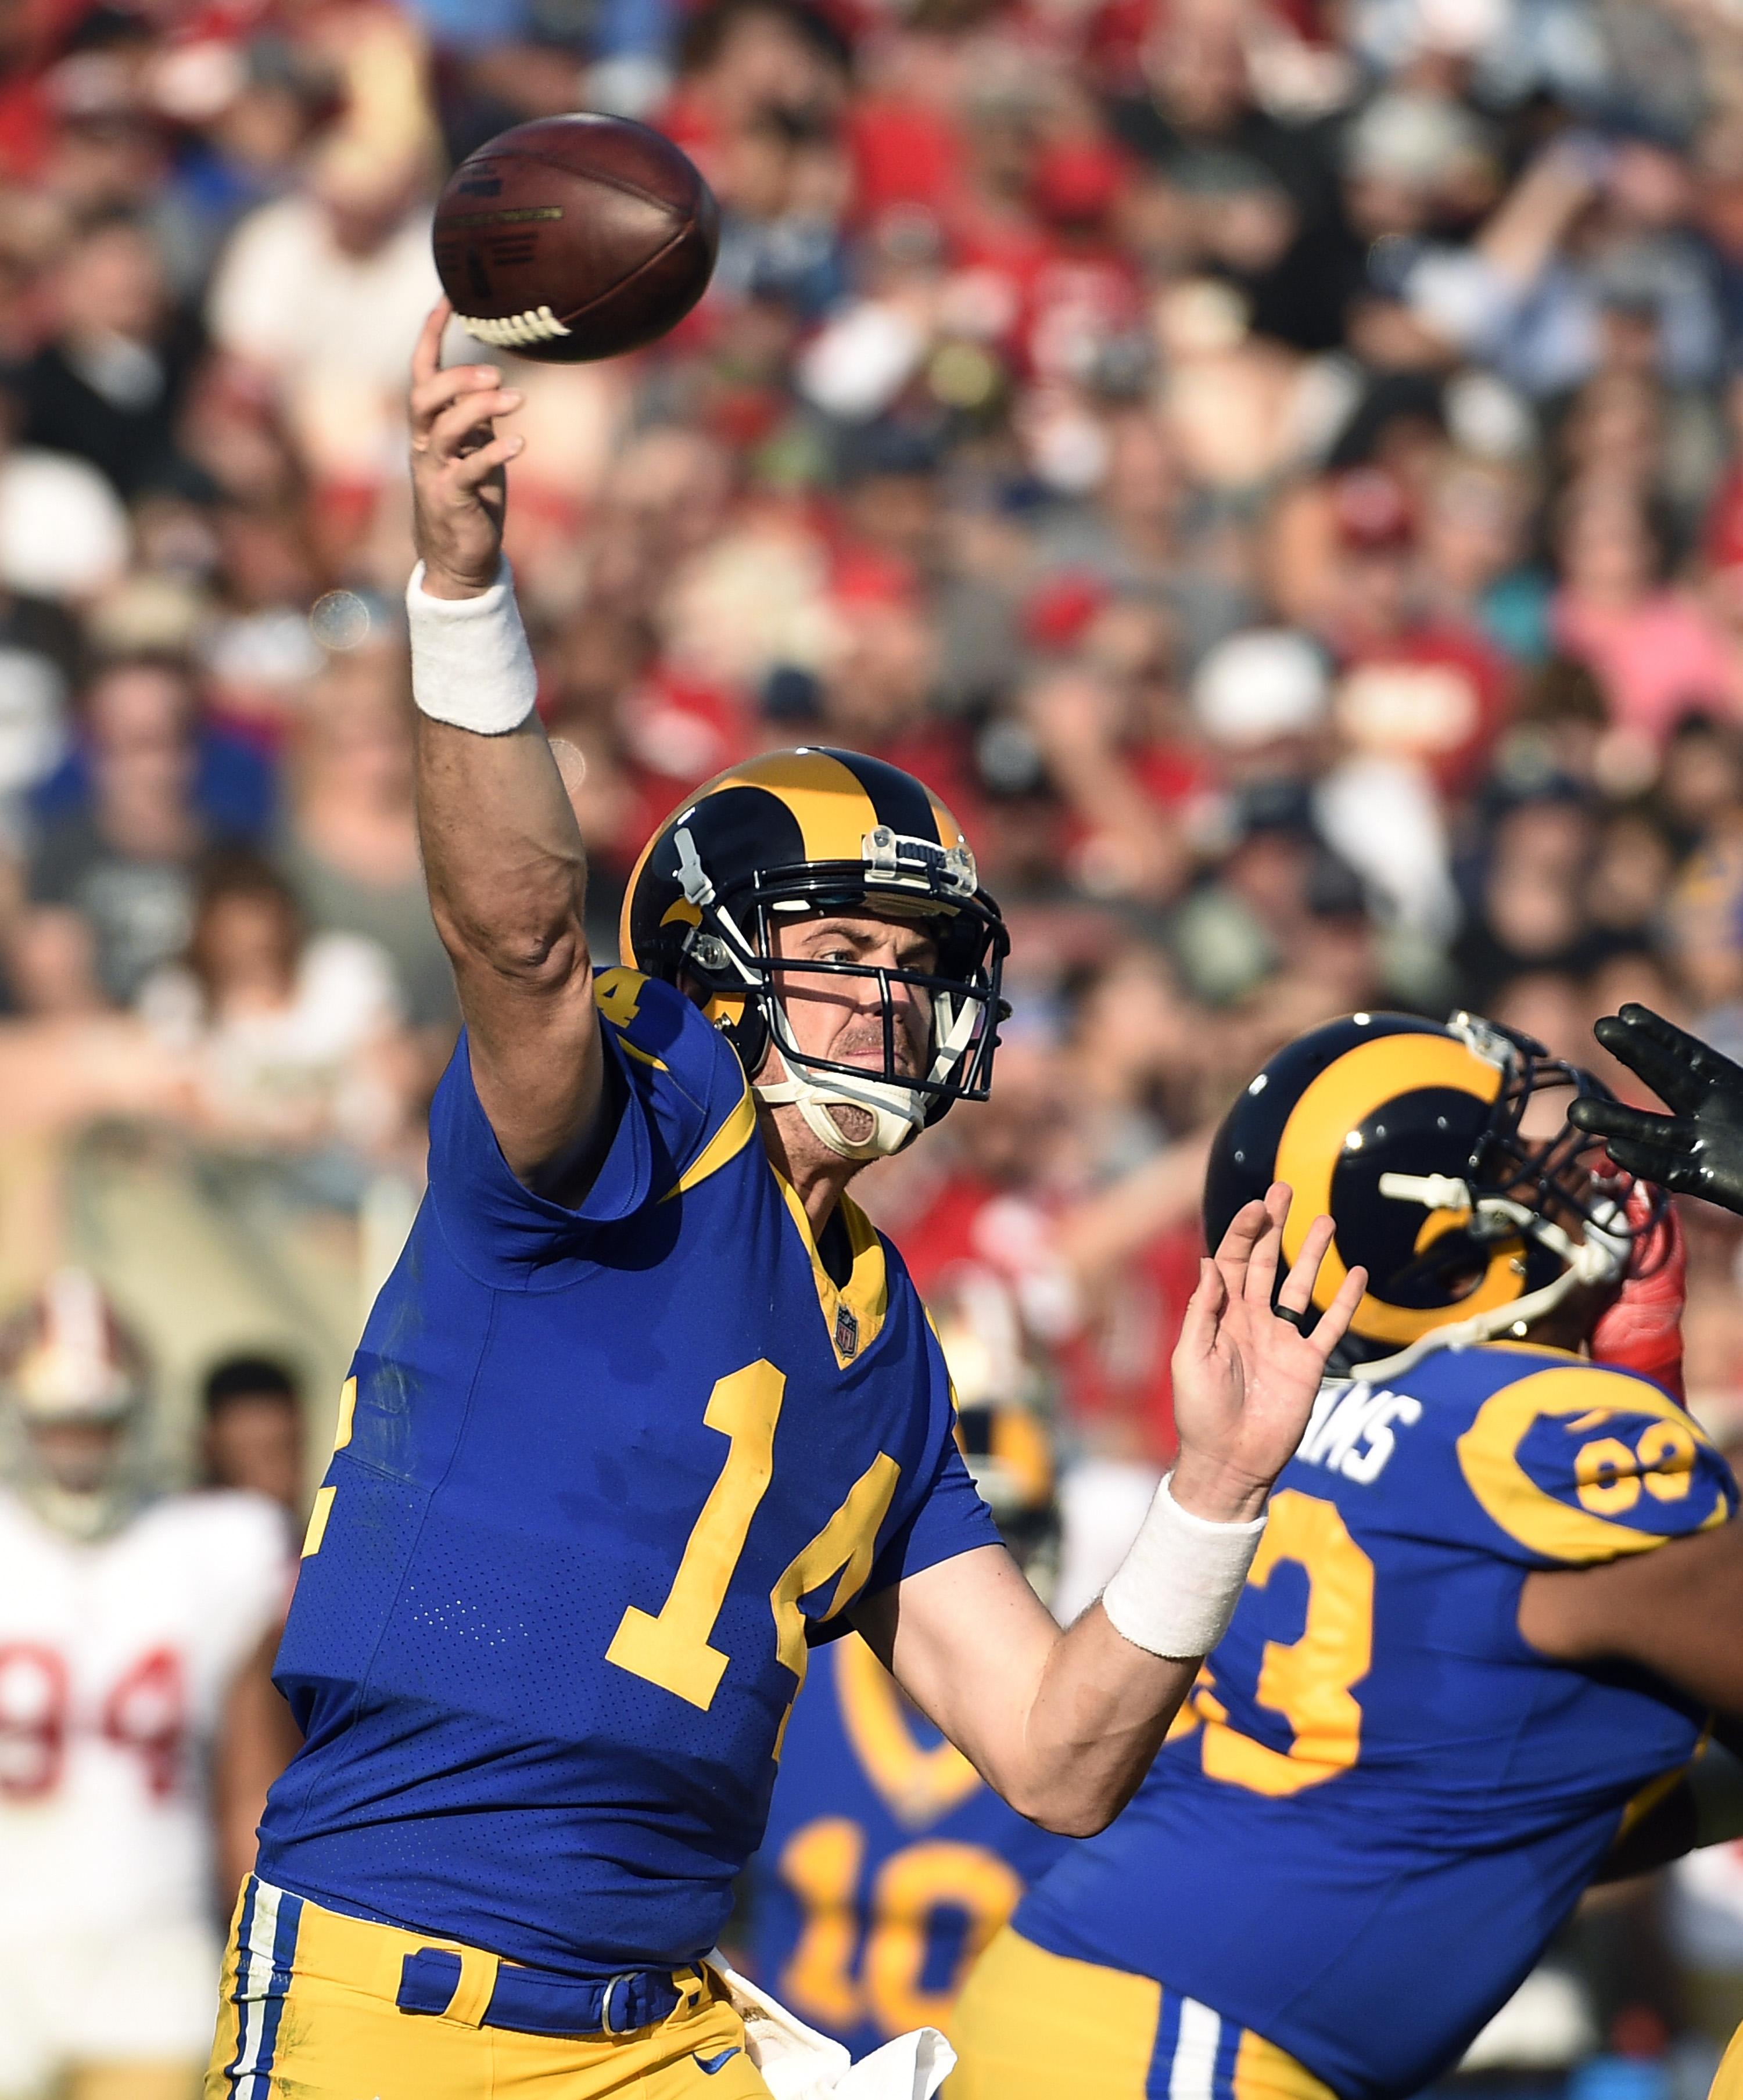 Los Angeles Rams QB Sean Mannion throws a pass against the San Francisco 49ers in Week 17